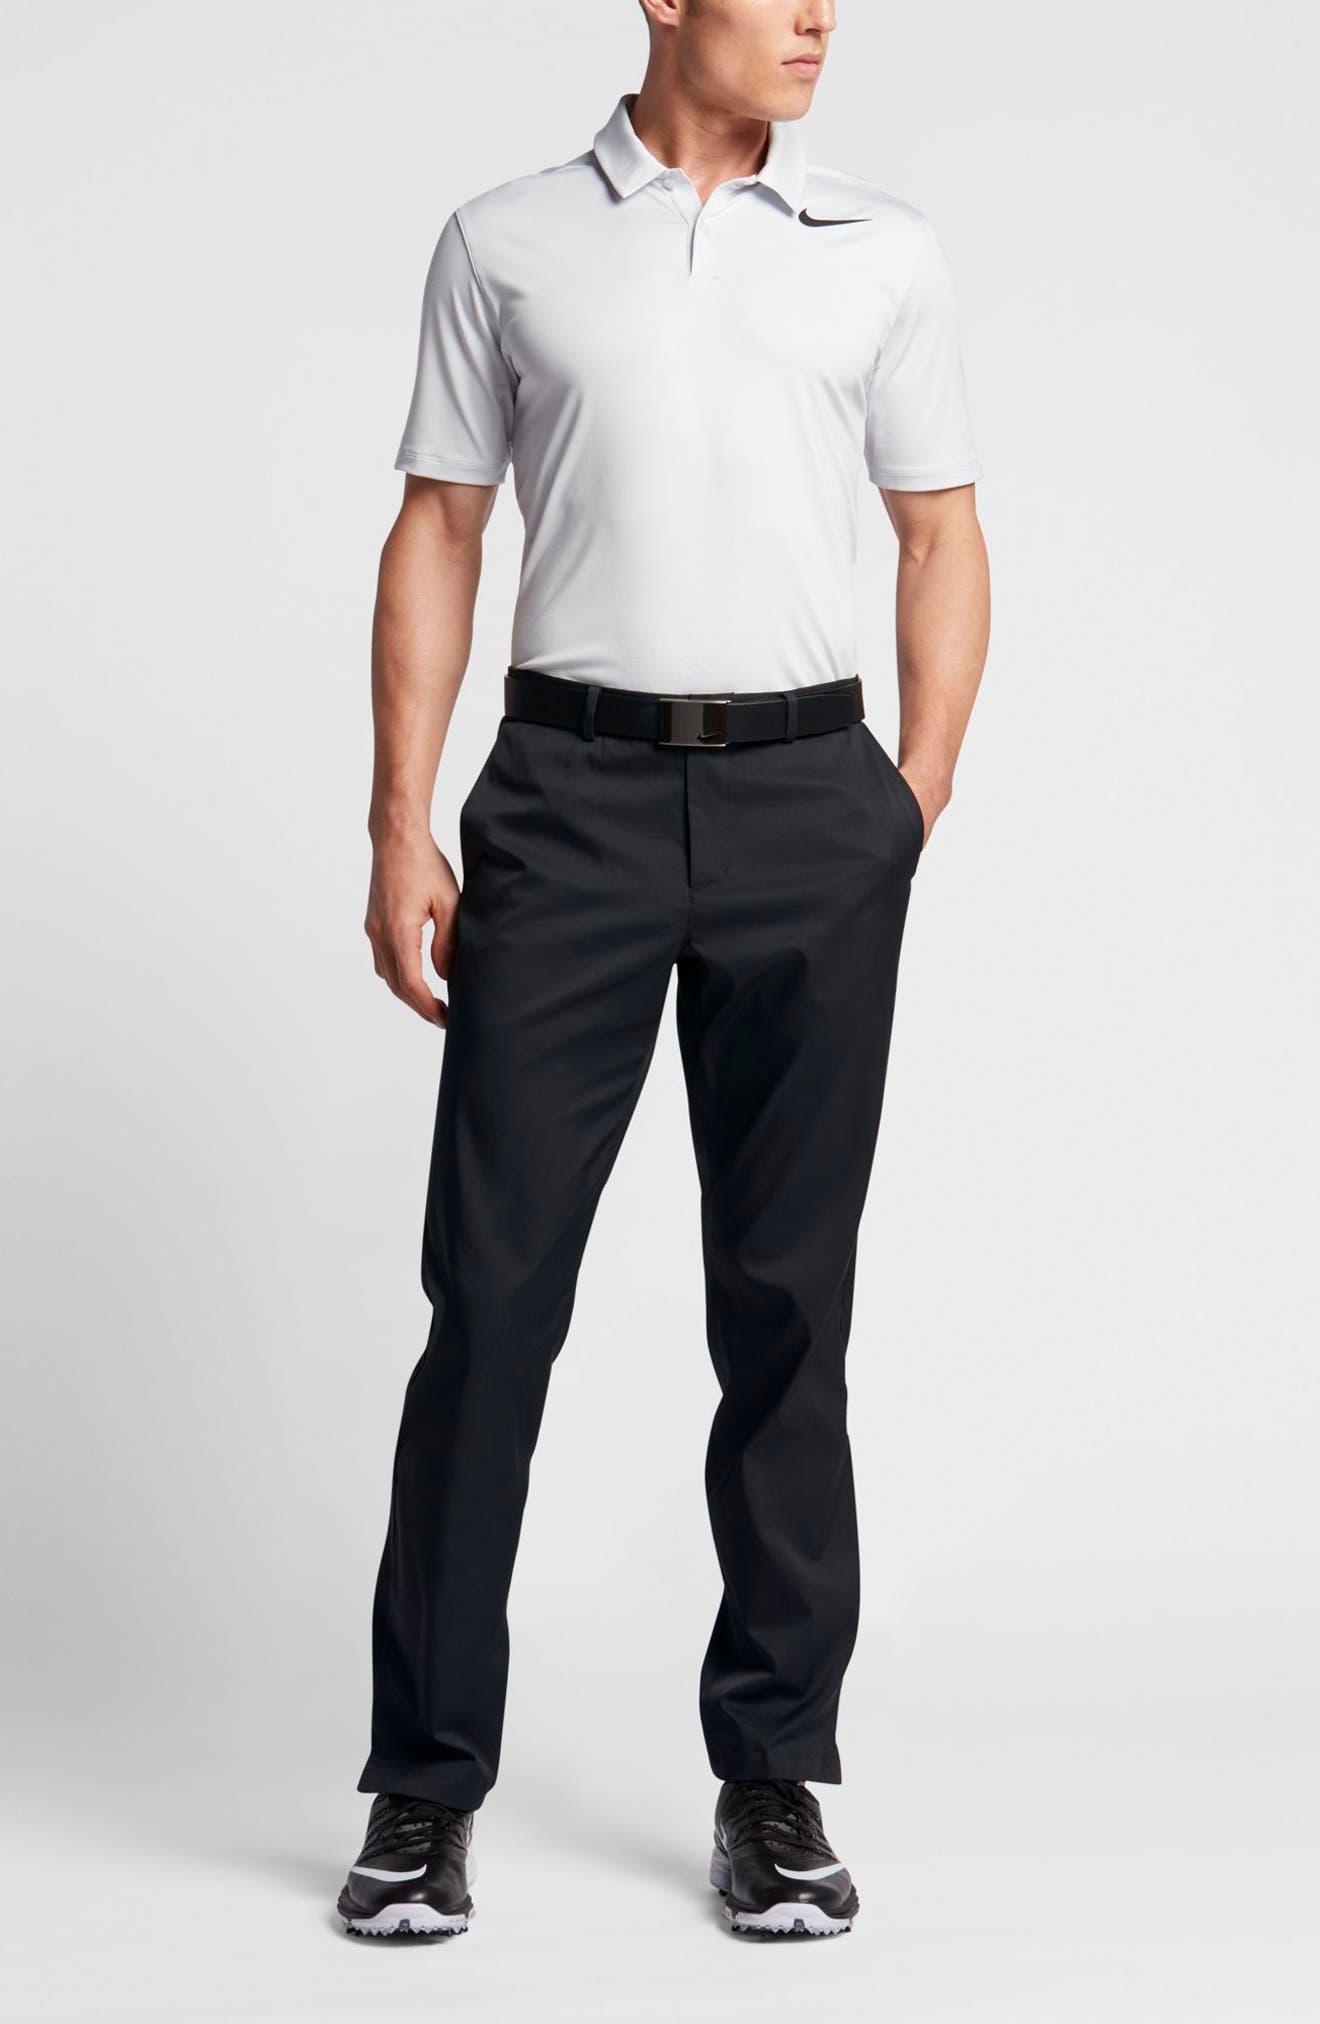 Flat Front Dri-FIT Tech Golf Pants,                             Alternate thumbnail 65, color,